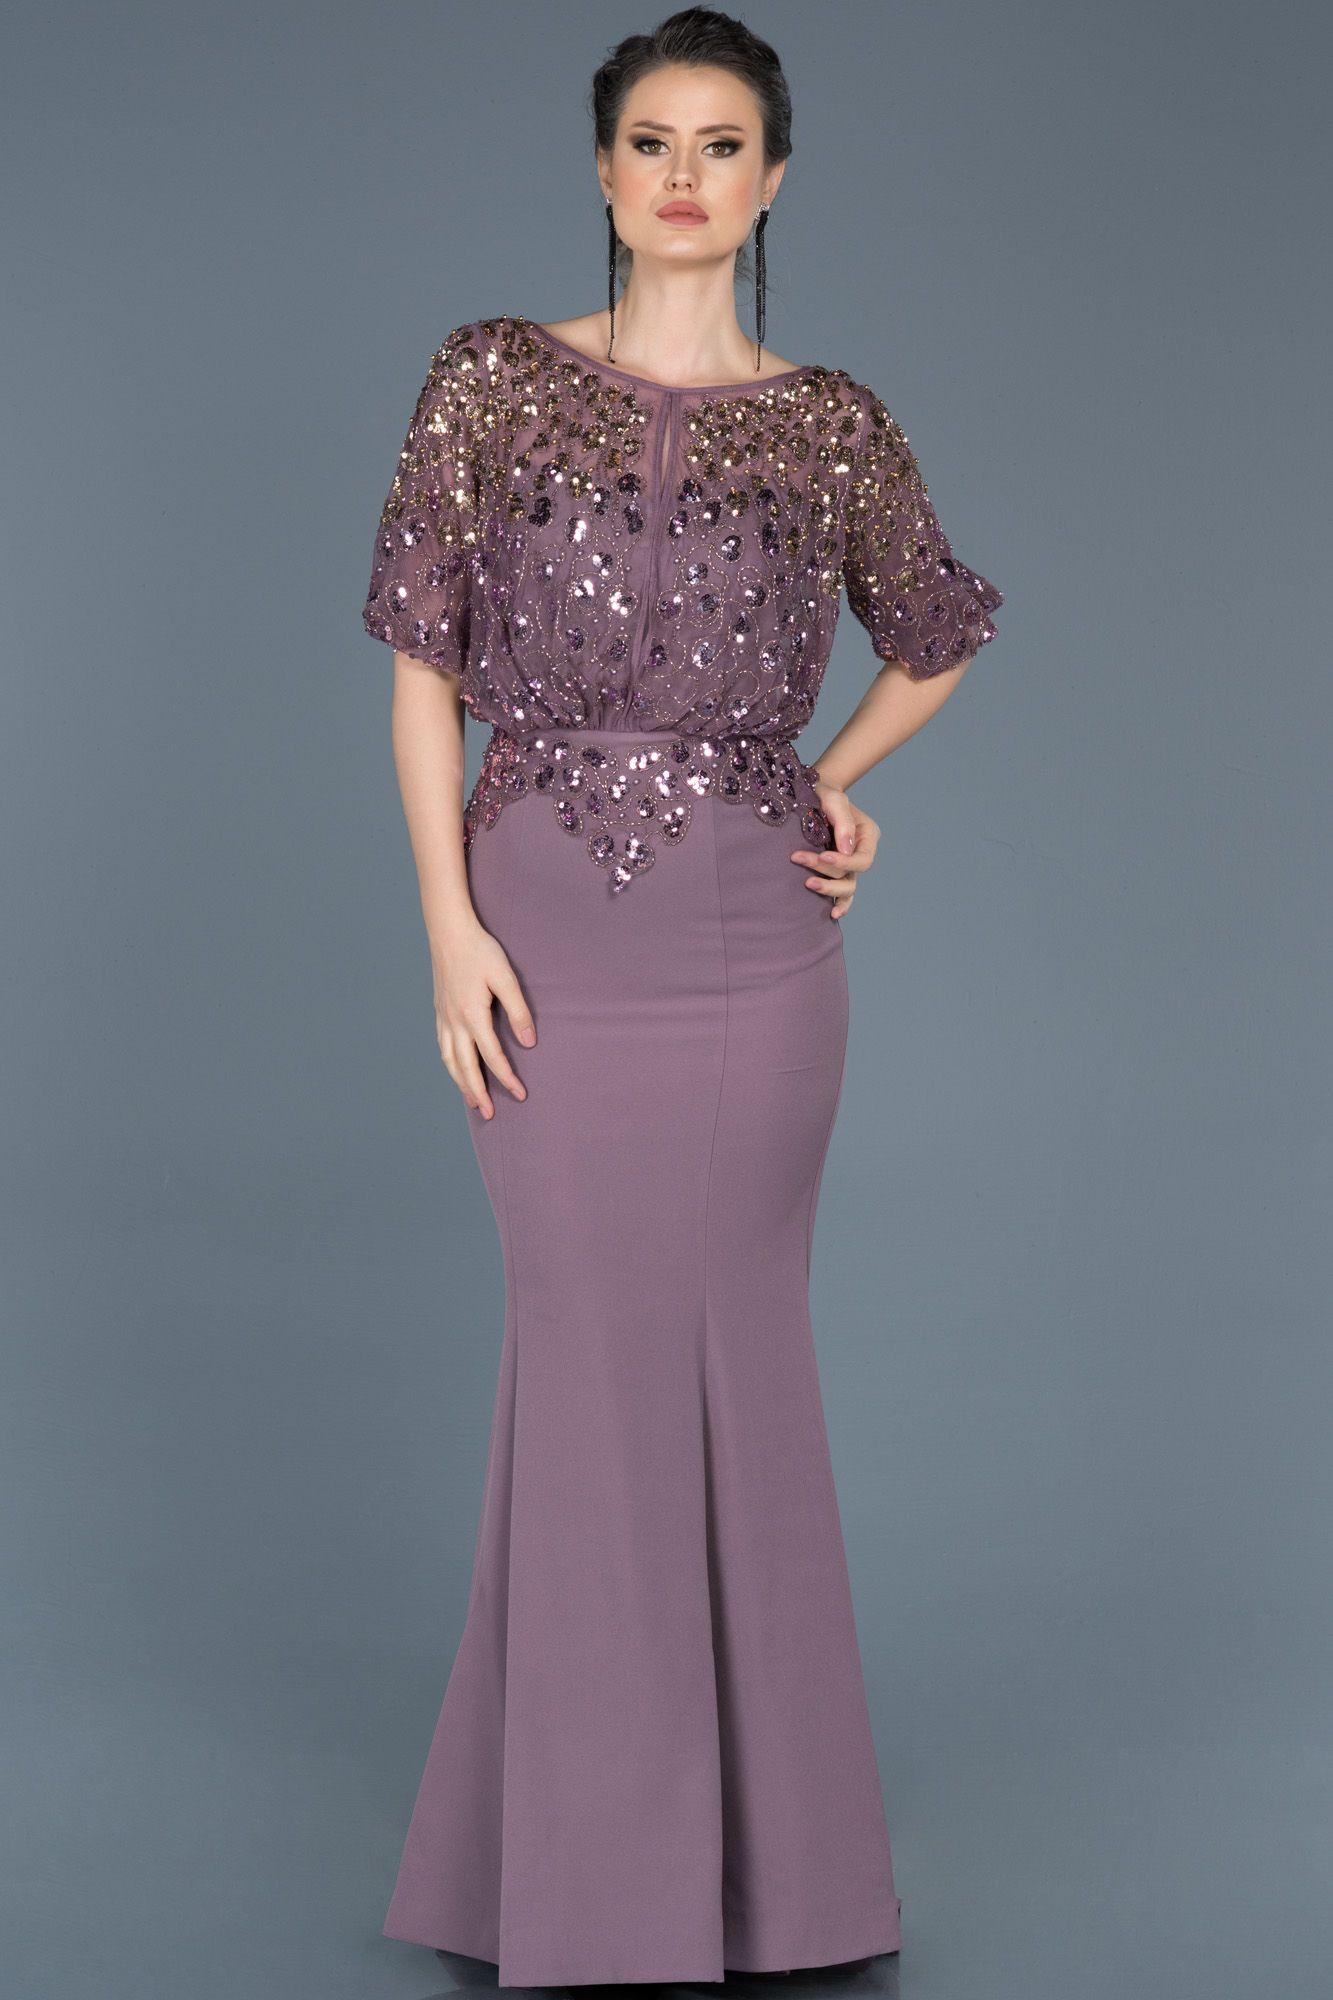 aa43f4f3ce52a gece elbisesi, #night dresses, #uzun balık elbise, #uzun abiye ...